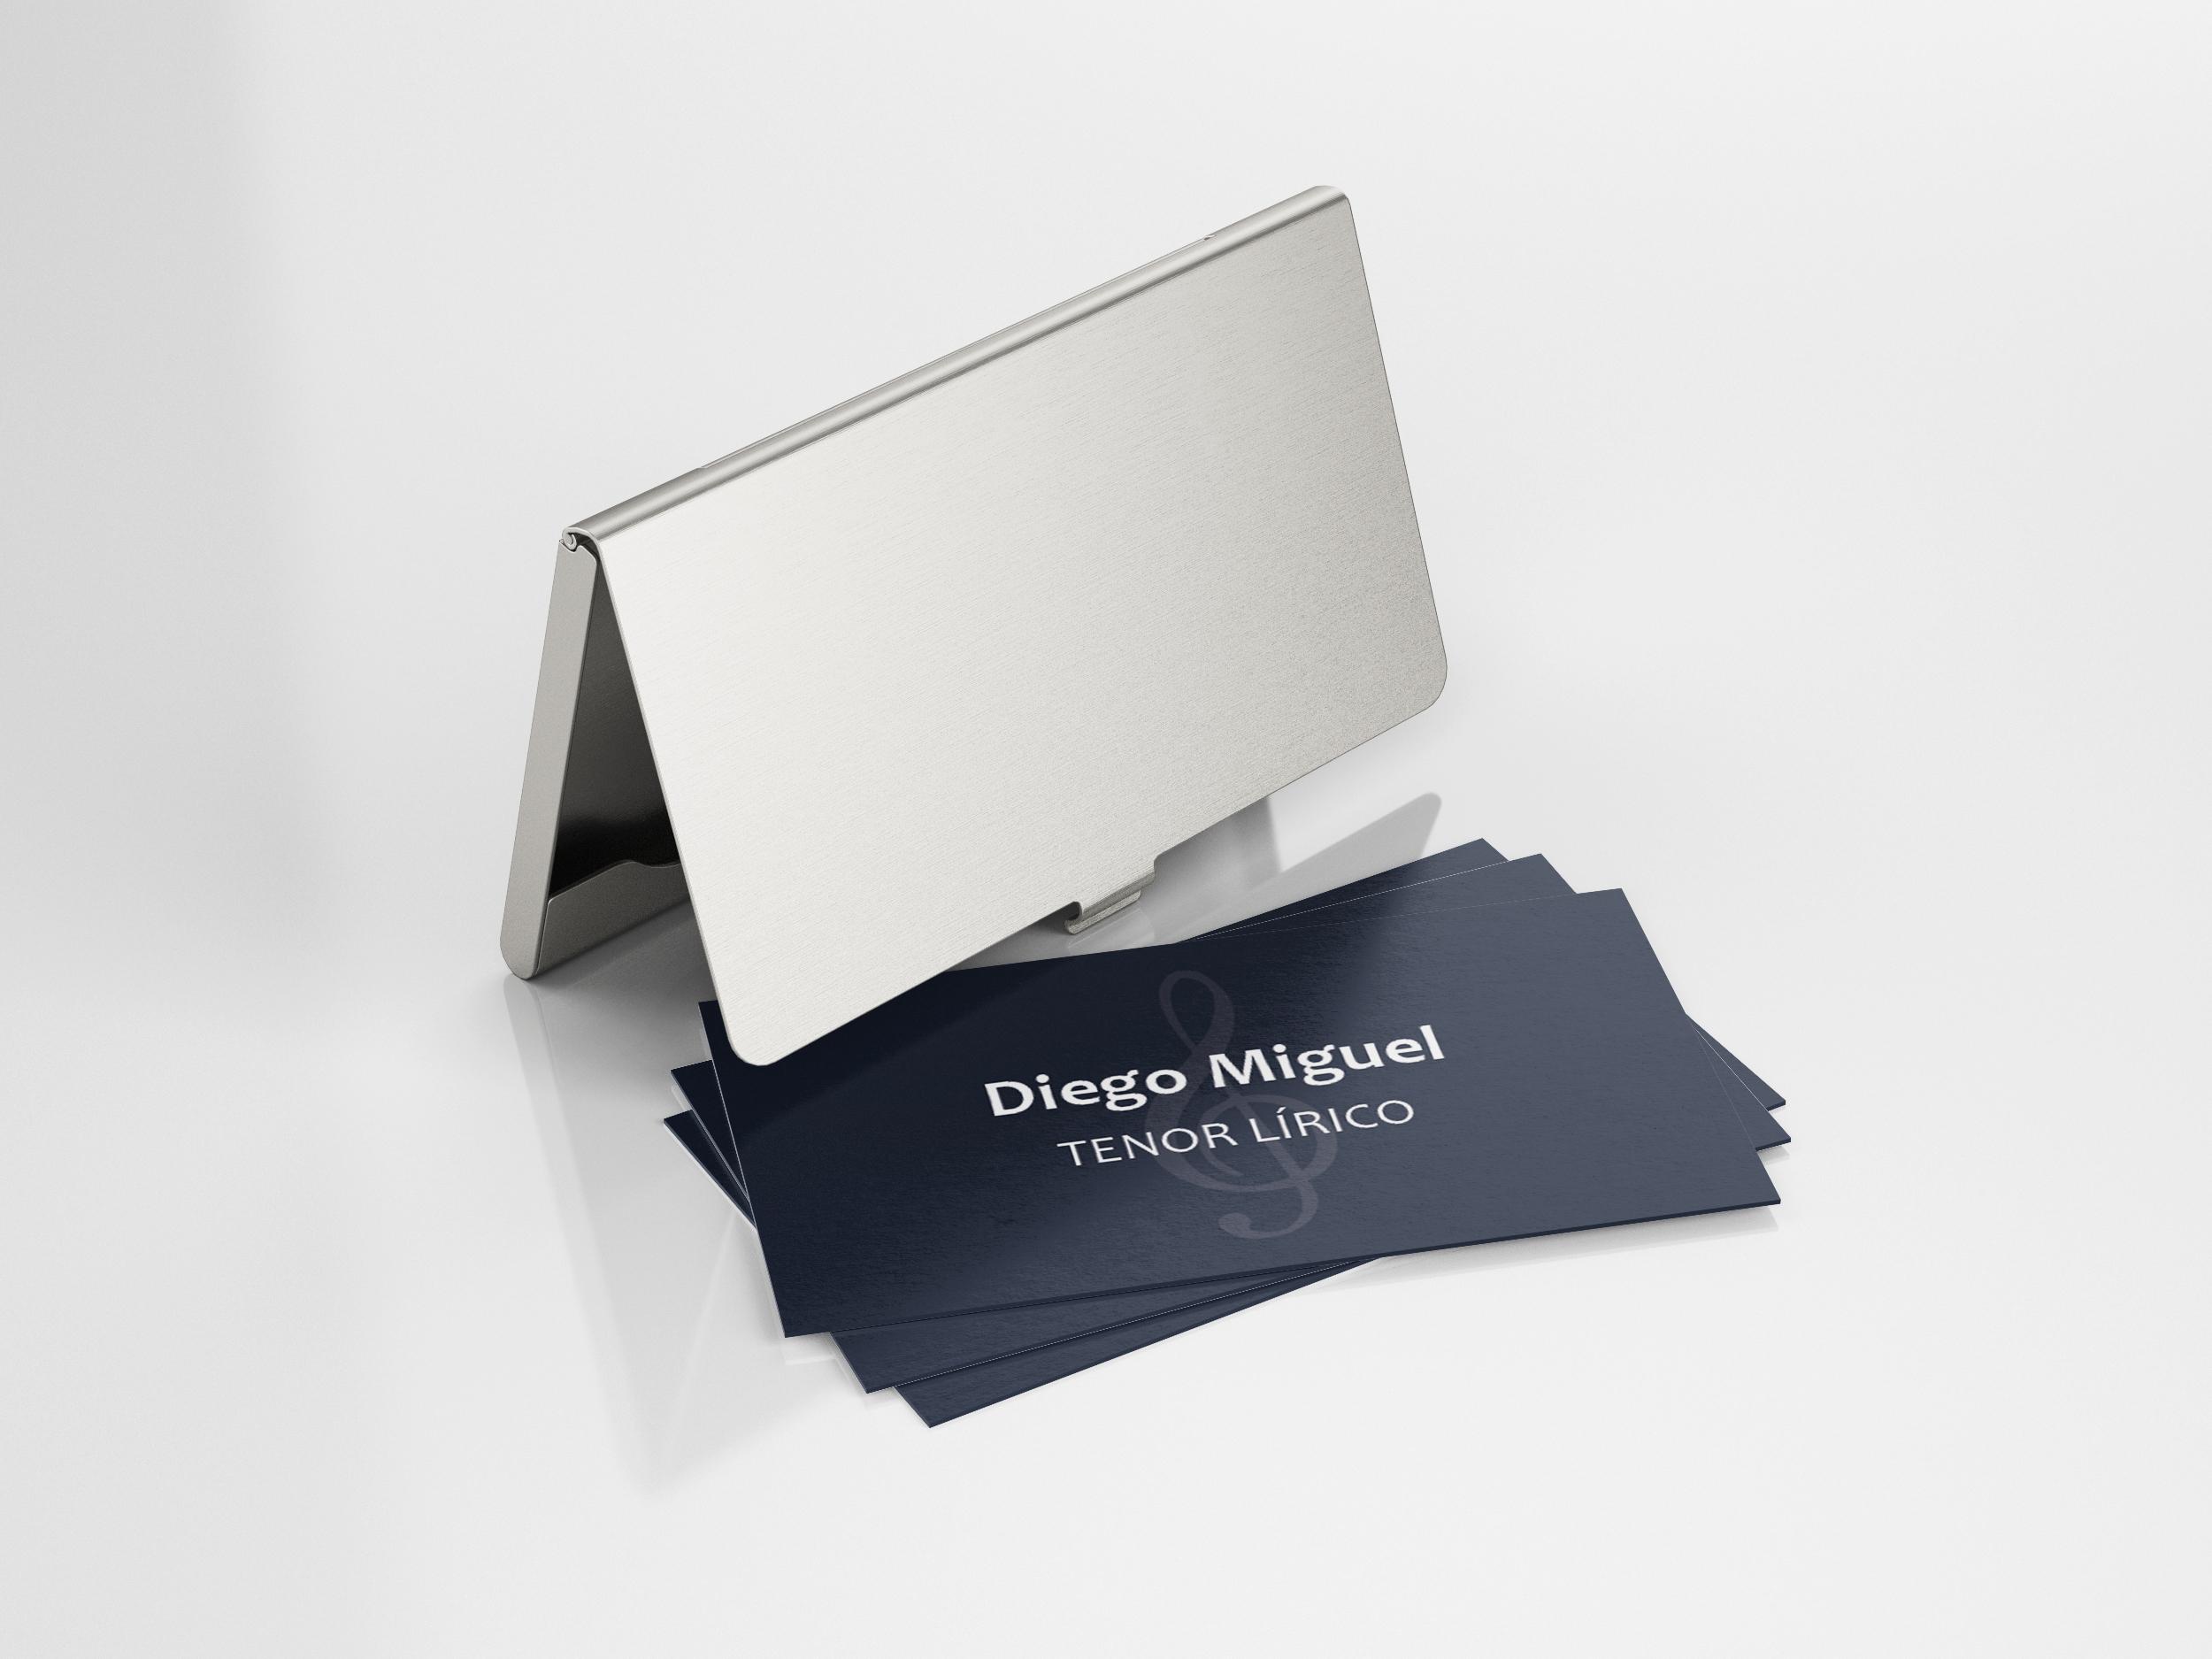 3 Tarjeta Diego Miguel.jpg